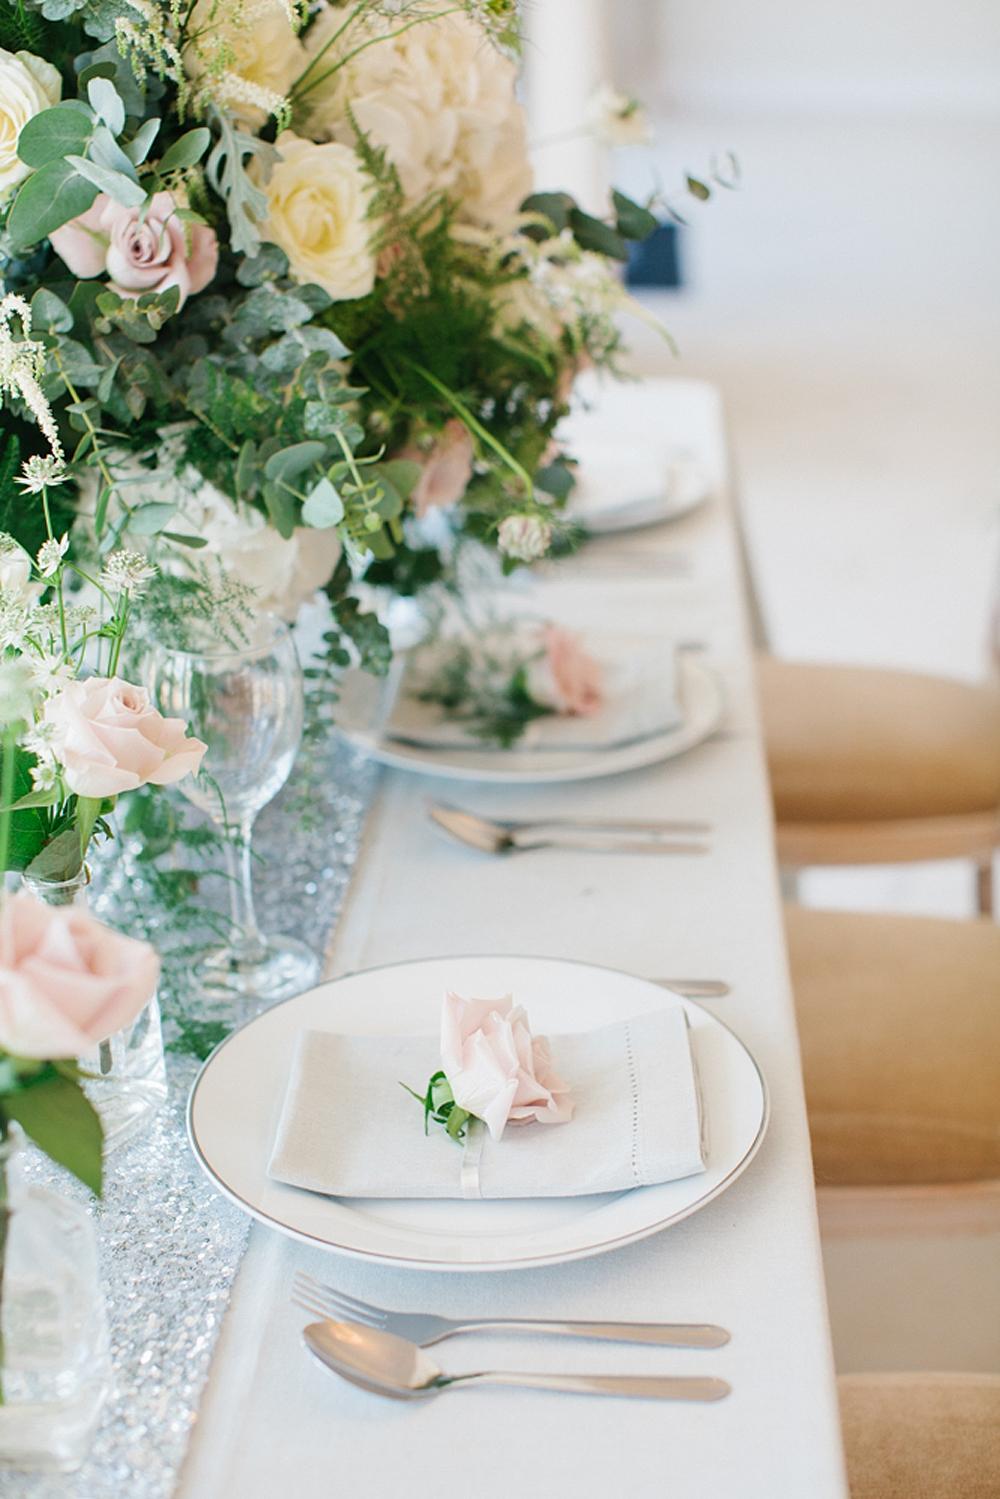 Charlotte-Munro-luxury-weddings-planner-stylist_0066.jpg